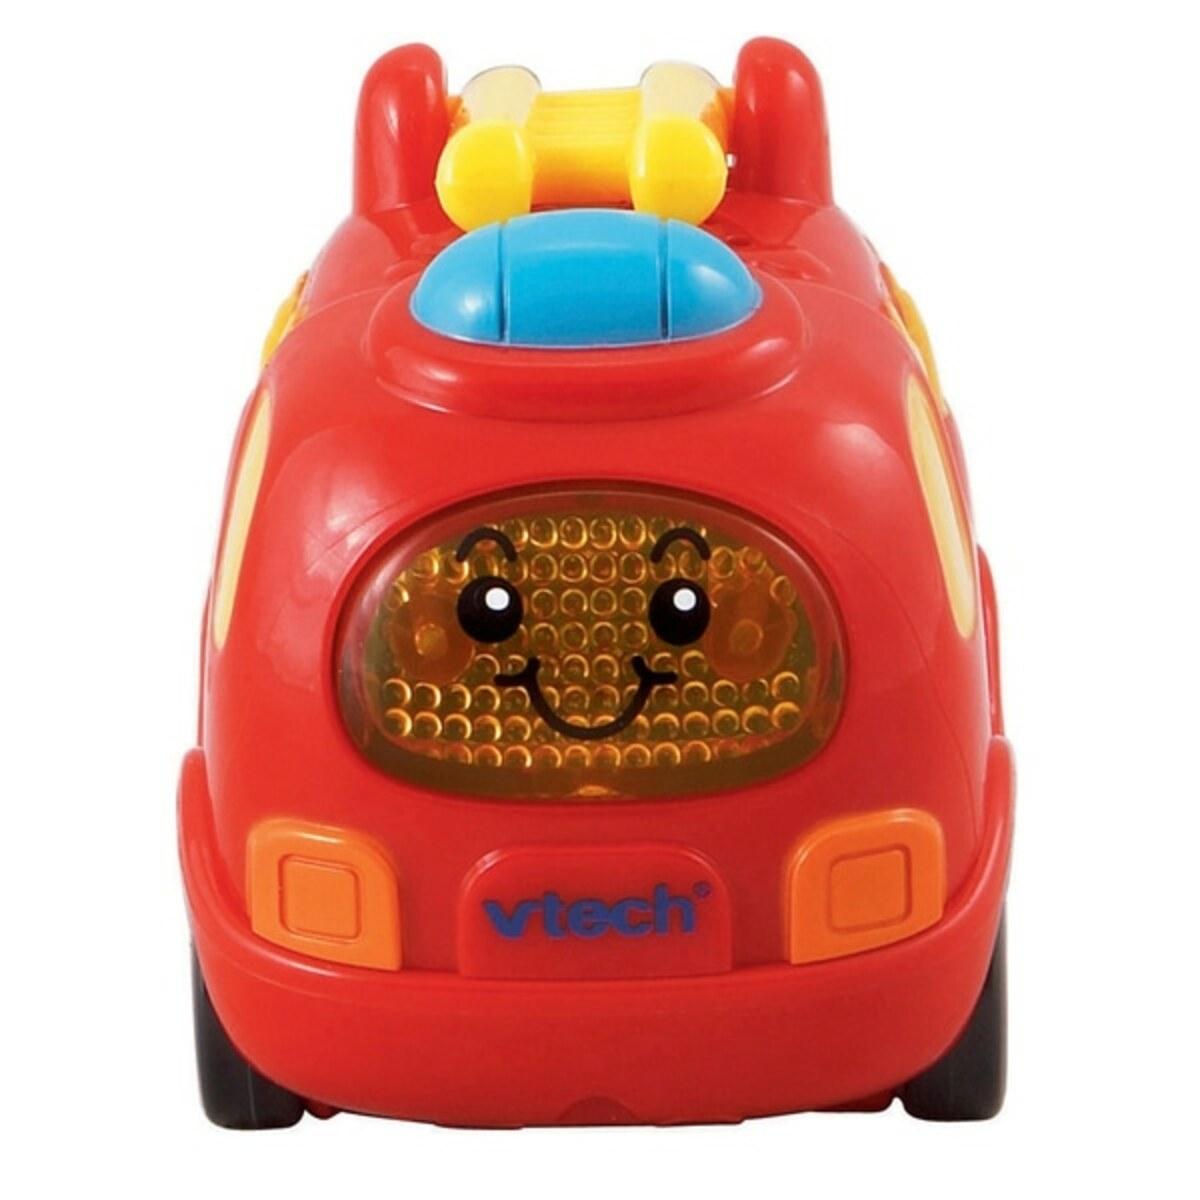 Bild 1 von VTech - Tut Tut Baby Flitzer: Feuerwehr